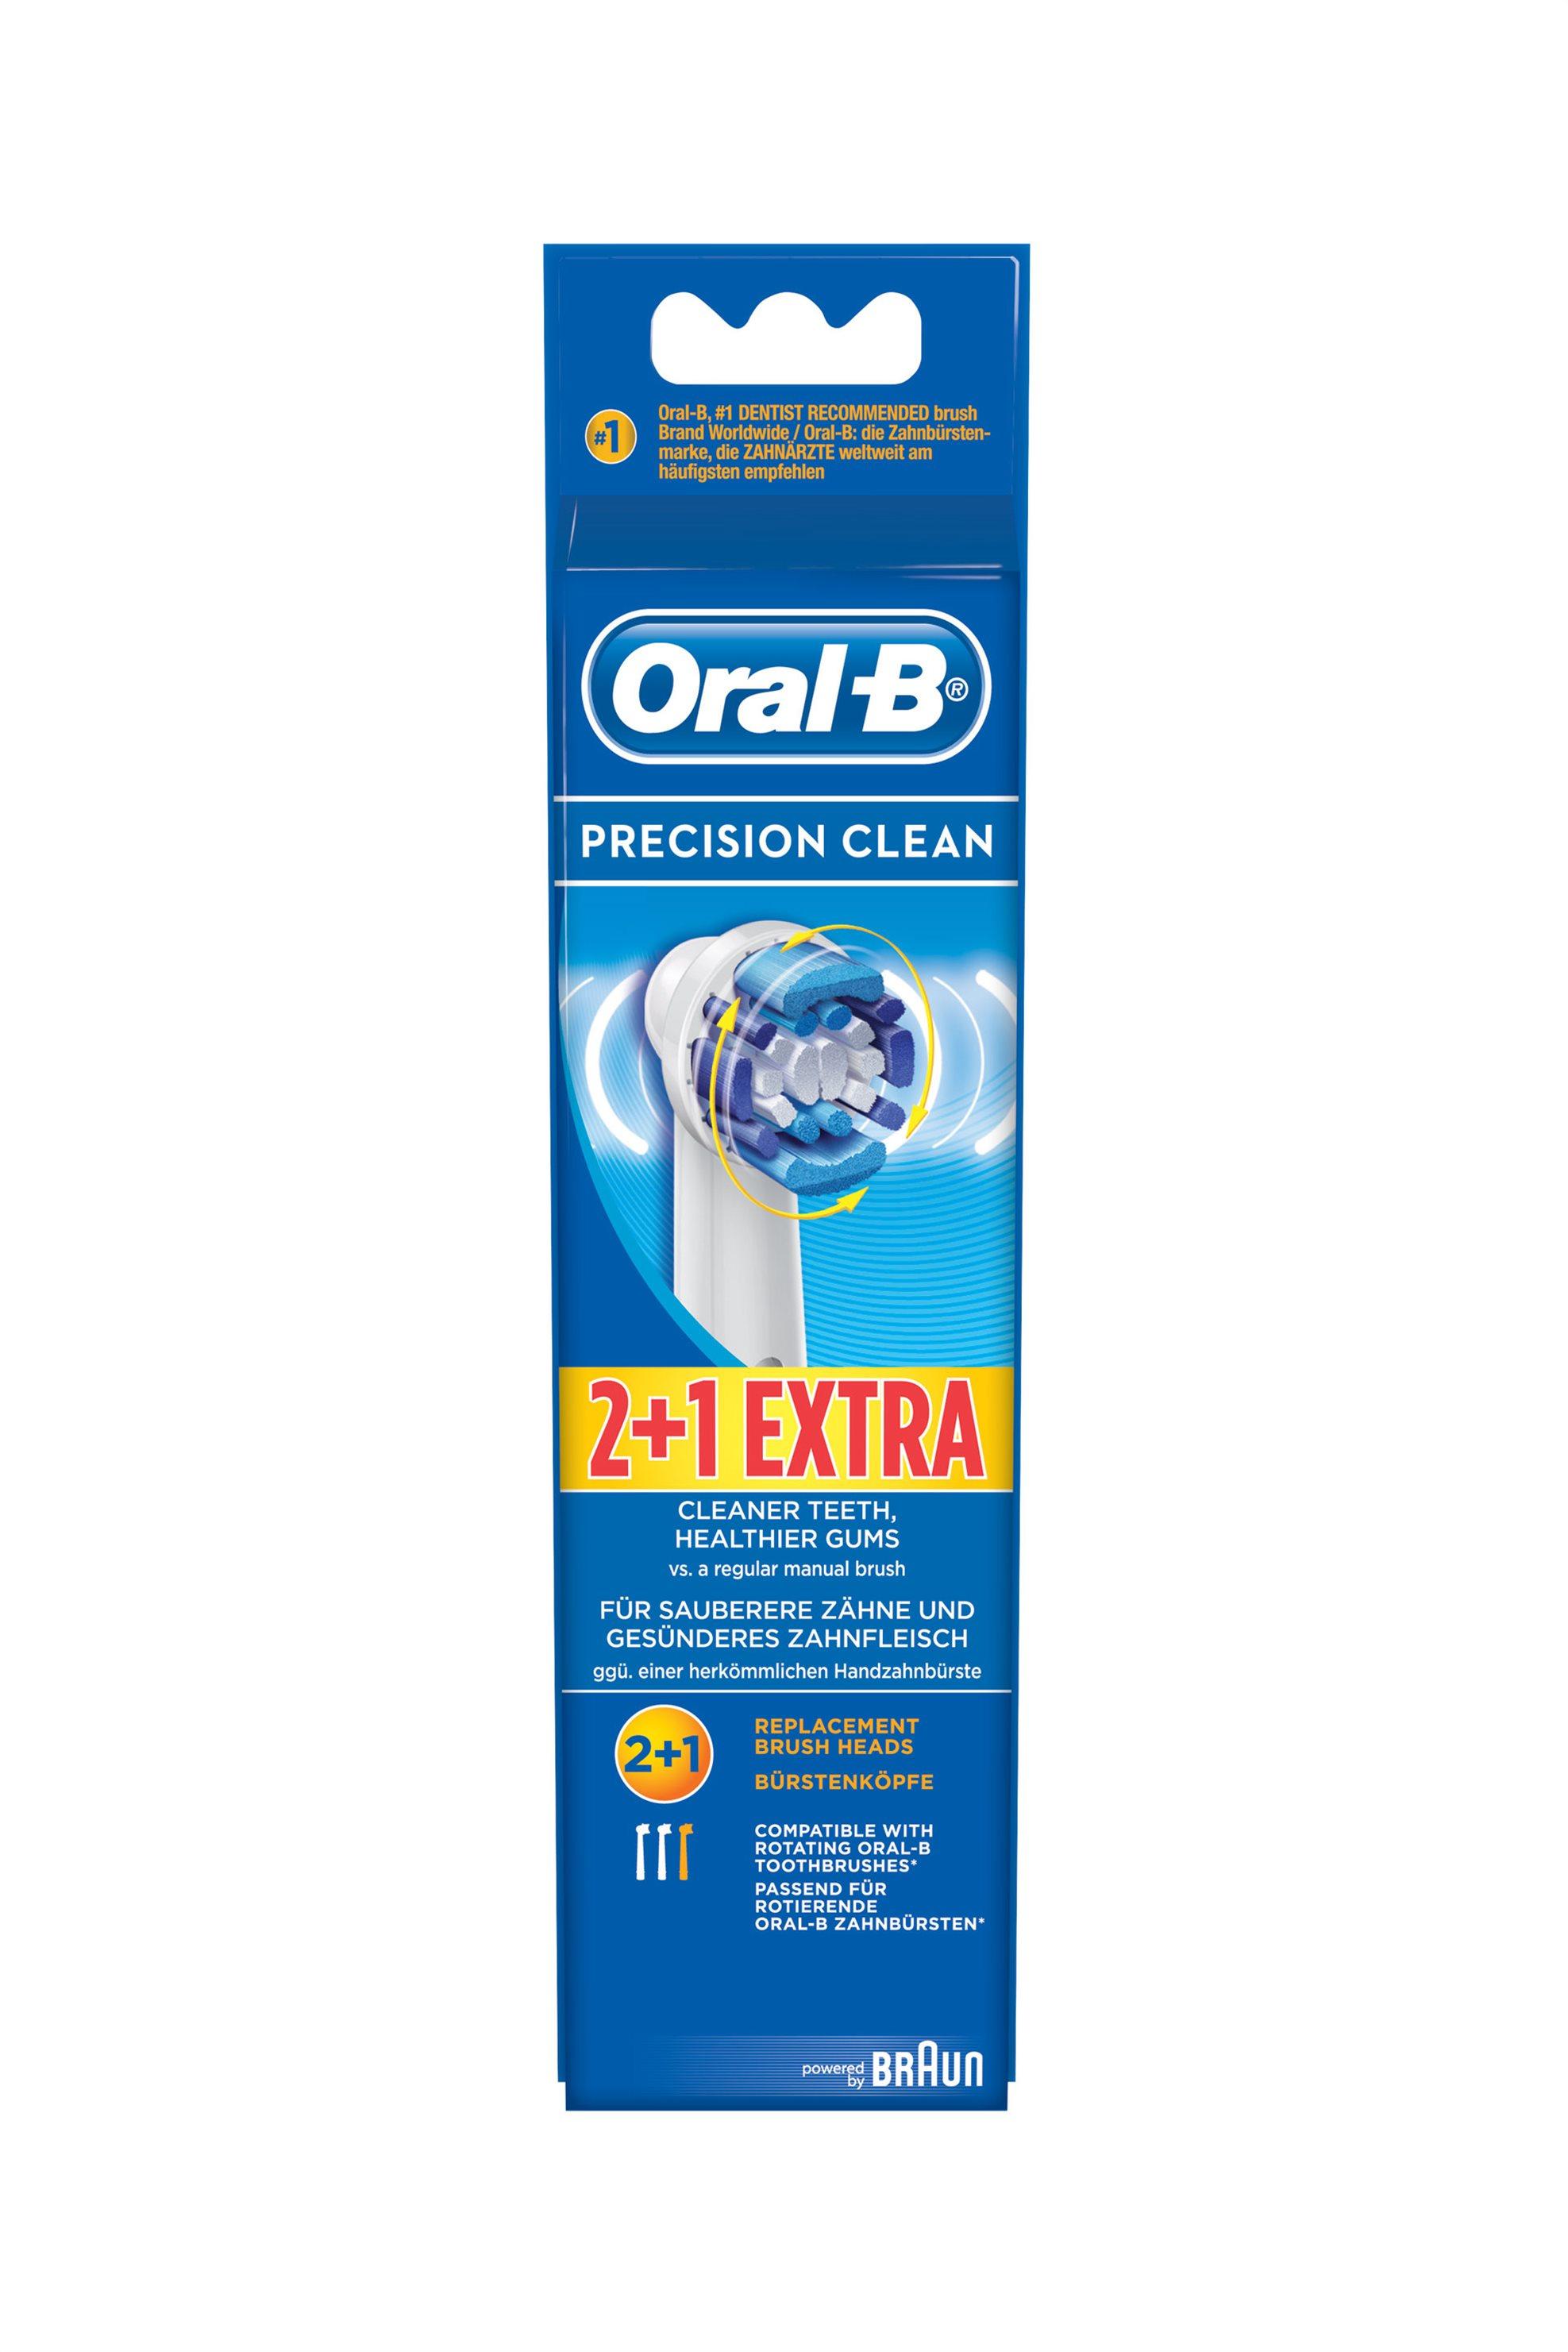 Ανταλλακτικά βουρτσάκια Precision Clean Oral b Braun - EB20-3/2 home   συσκευεσ περιποιησησ   ηλεκτρικές οδοντόβουρτσες